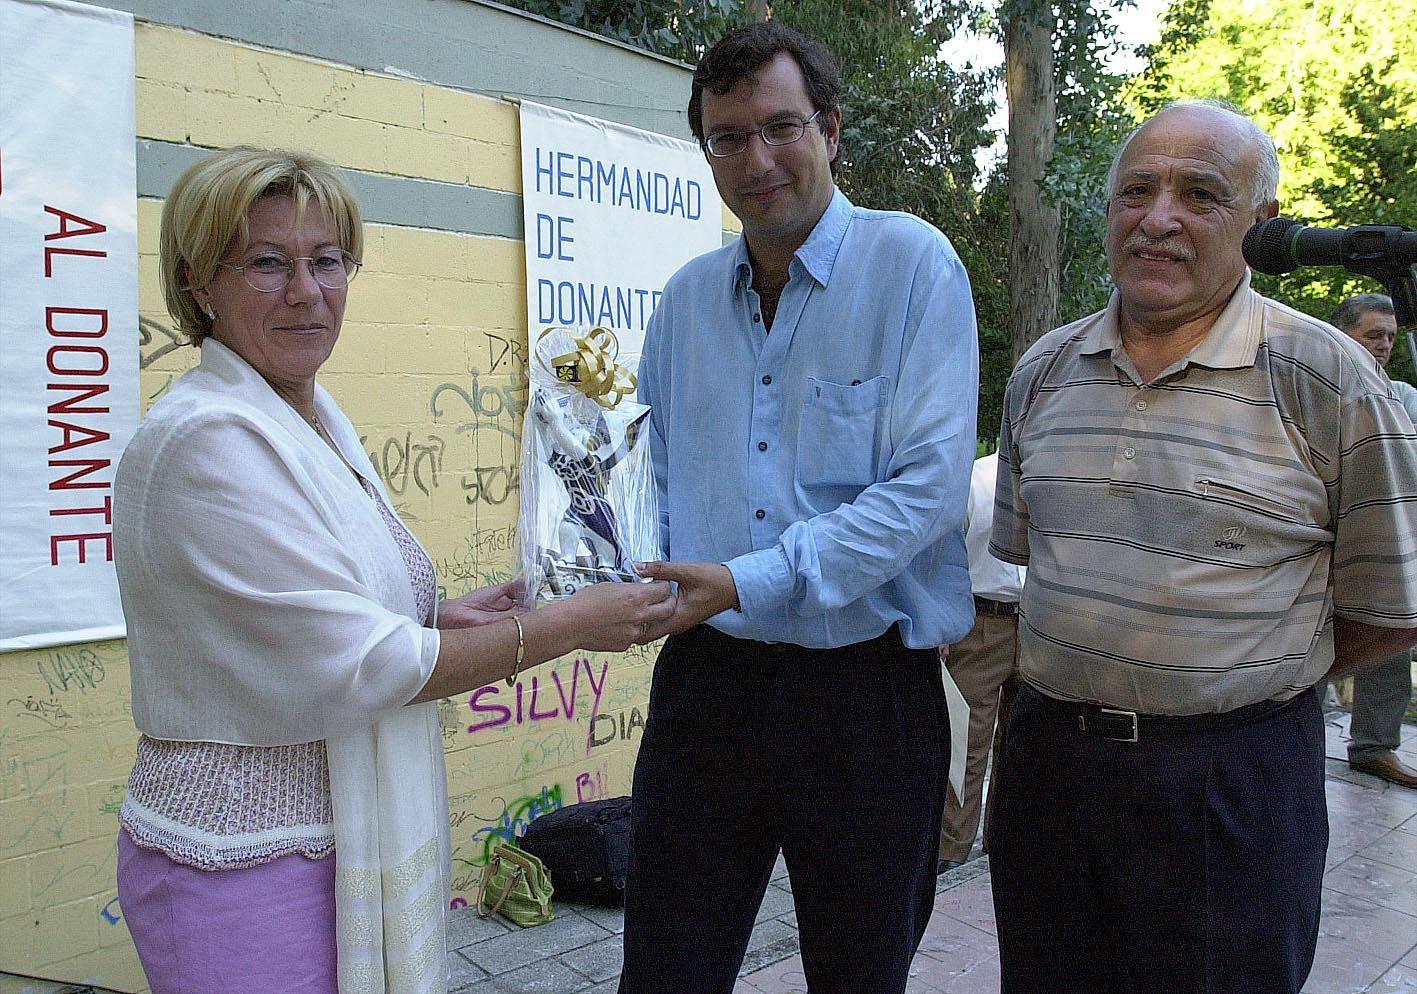 Isaura Abelairas en 2001 en la Fiesta Anual de la Hermandad de donantes de Vigo. Cameselle.jpg